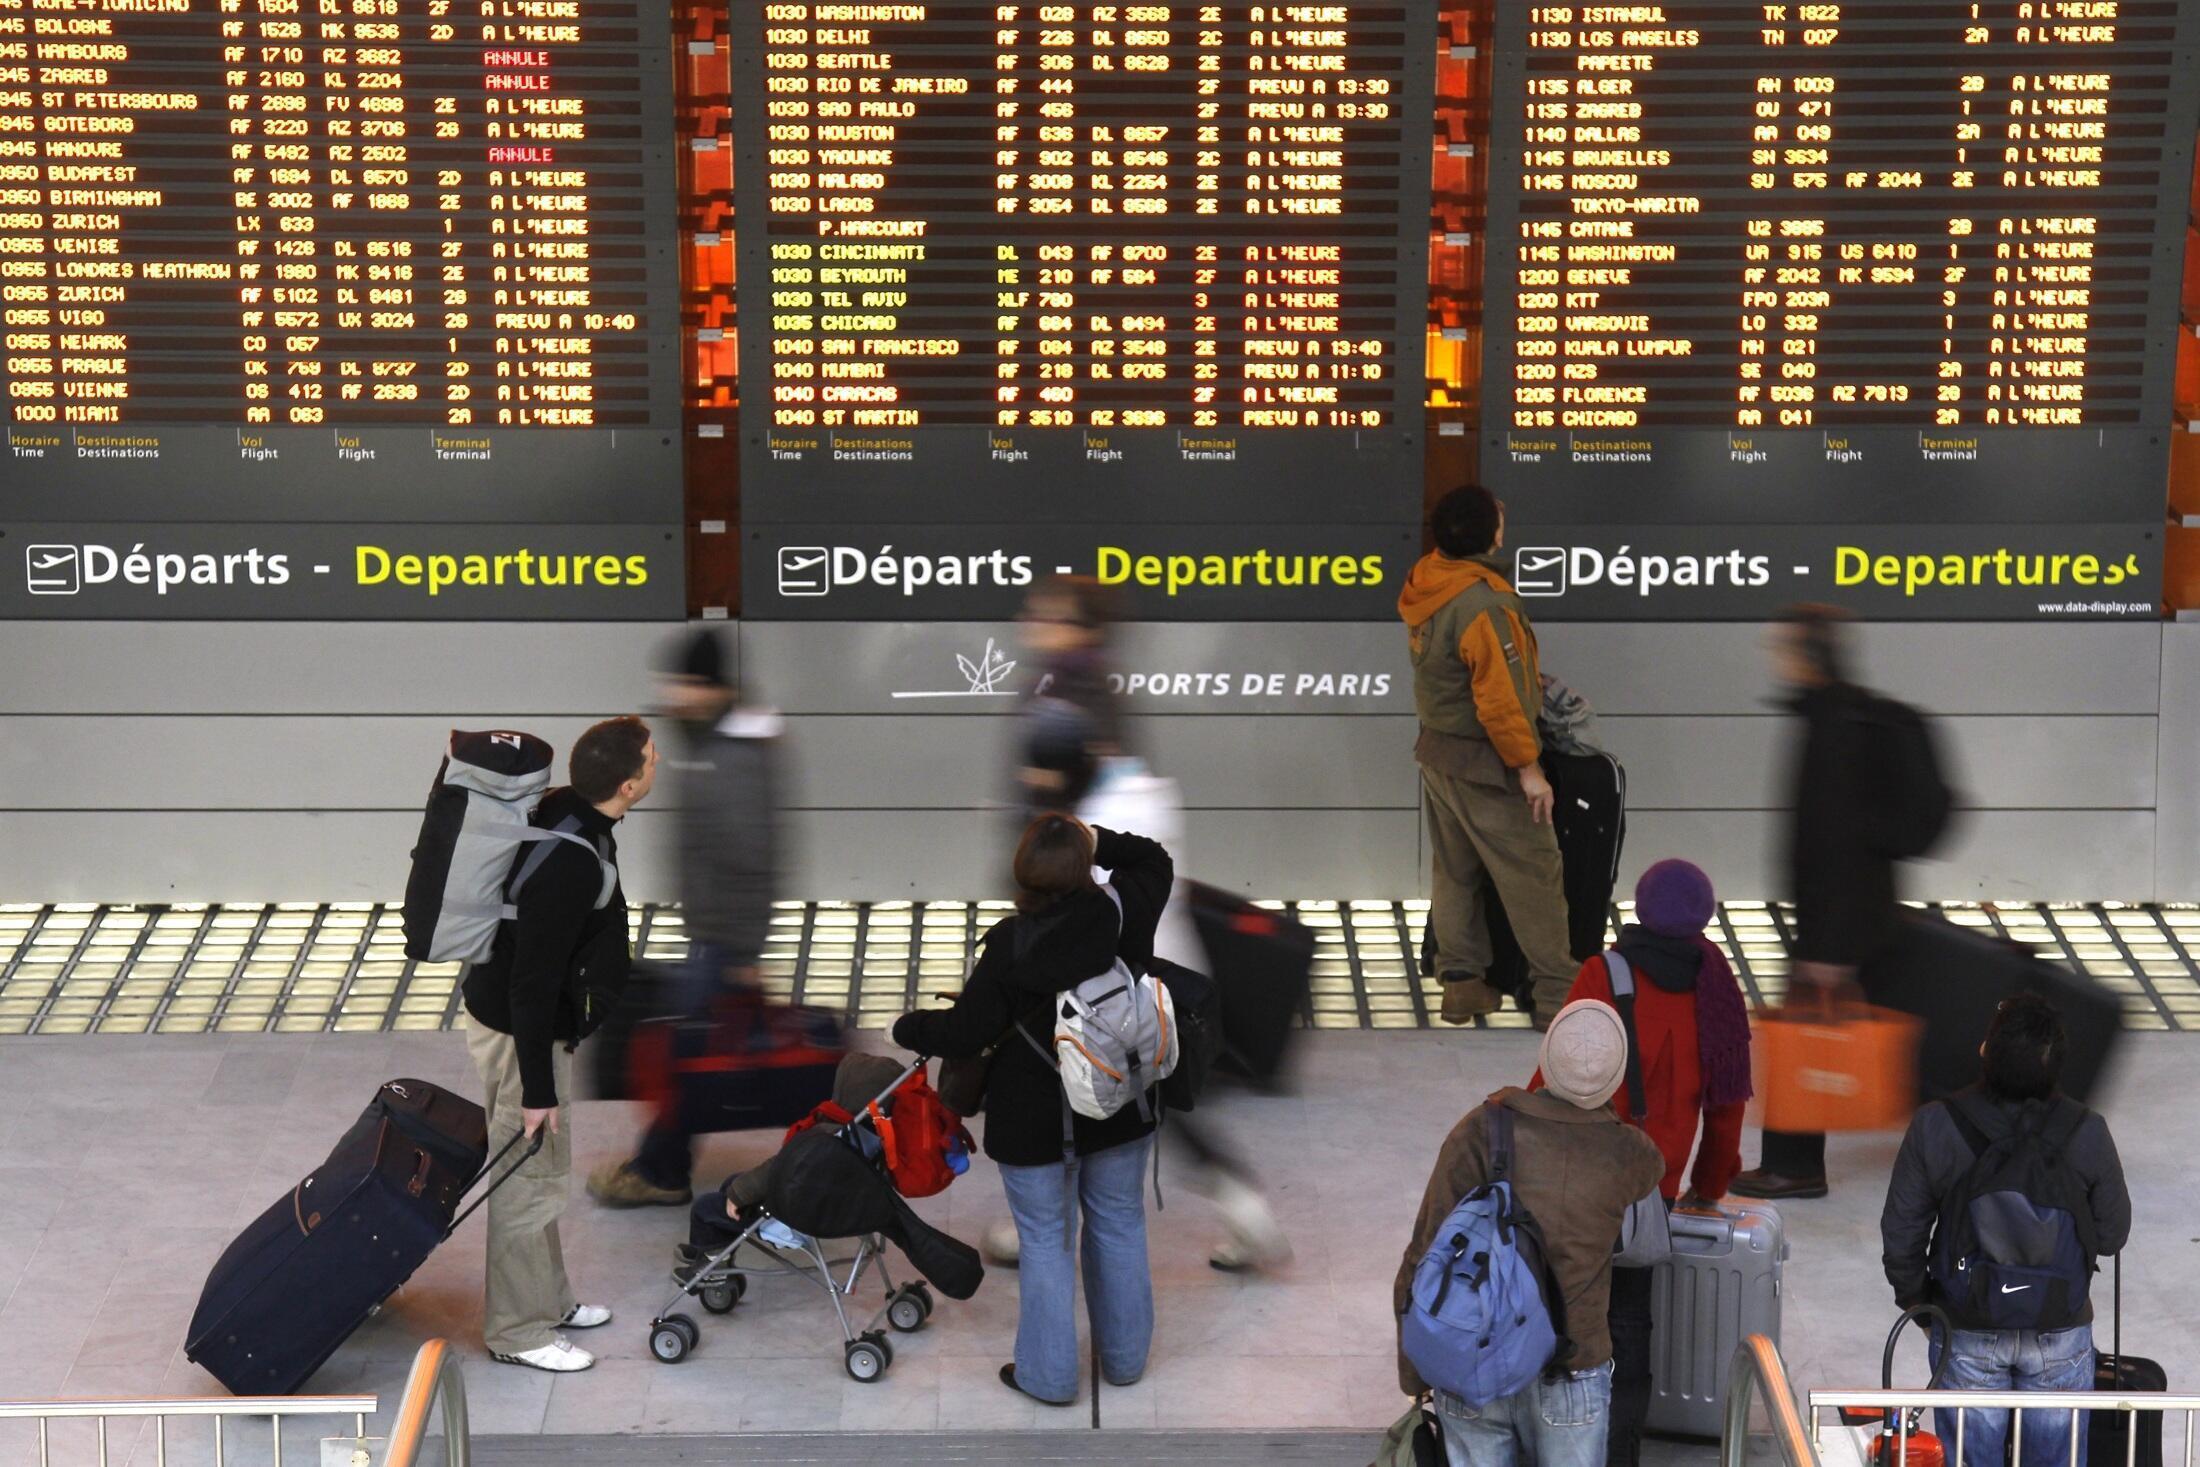 Passageiros no aeroporto Roissy Charles de Gaulle, em Paris, para onde o avião da TAM teve que retornar após 1h30 de voo.